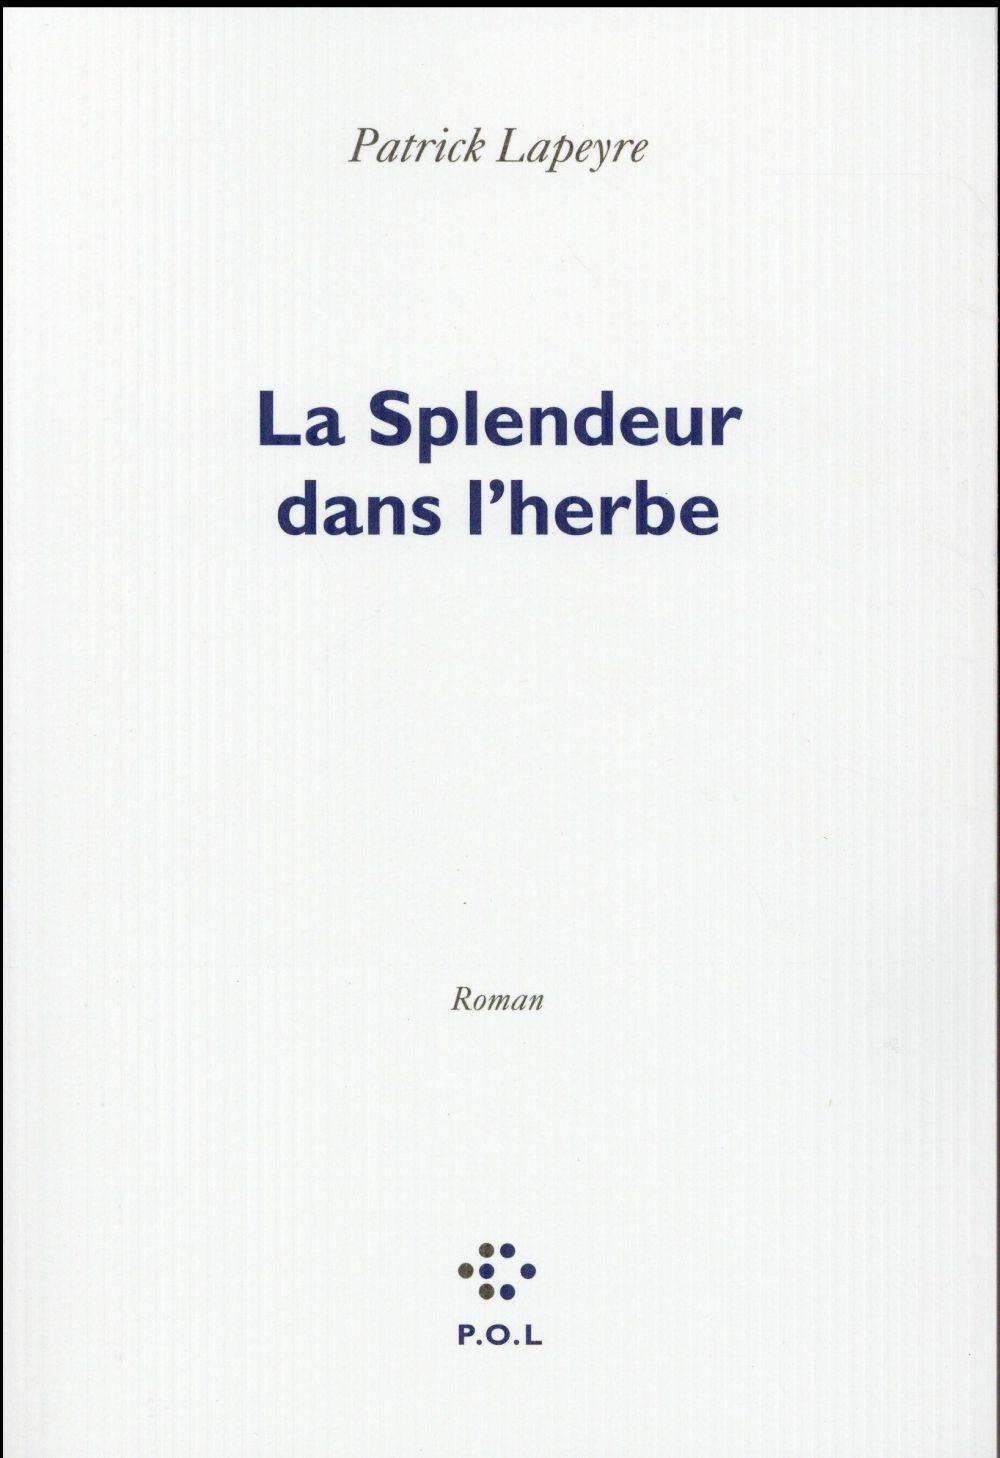 """#Interview :  Patrick Lapeyre nous parle de son dernier roman """"La Splendeur dans l'herbe"""""""